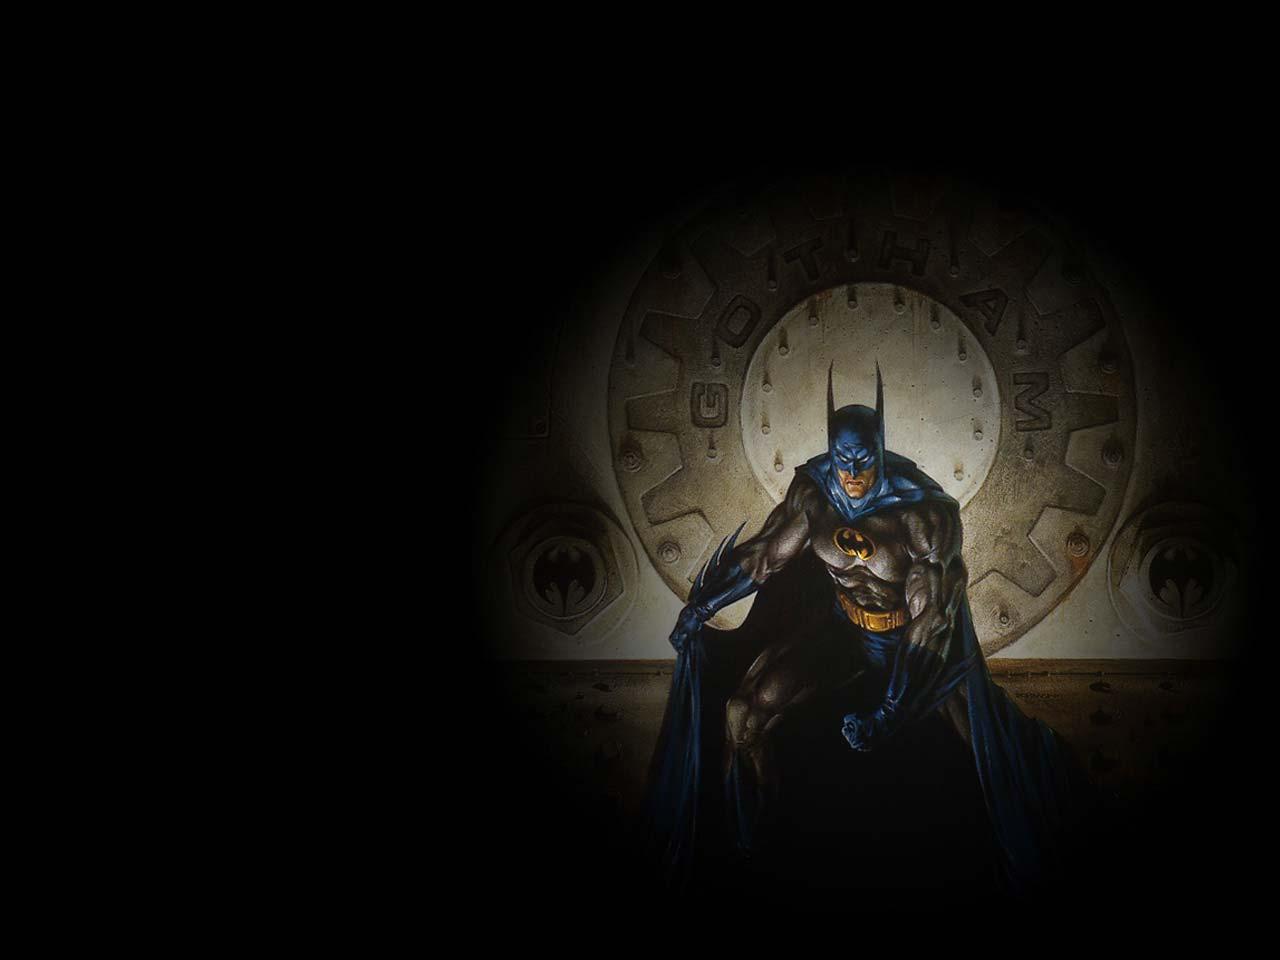 Wallpaper   Cartoon Watcher   Batman wallpaper   desktop Batman 1280x960